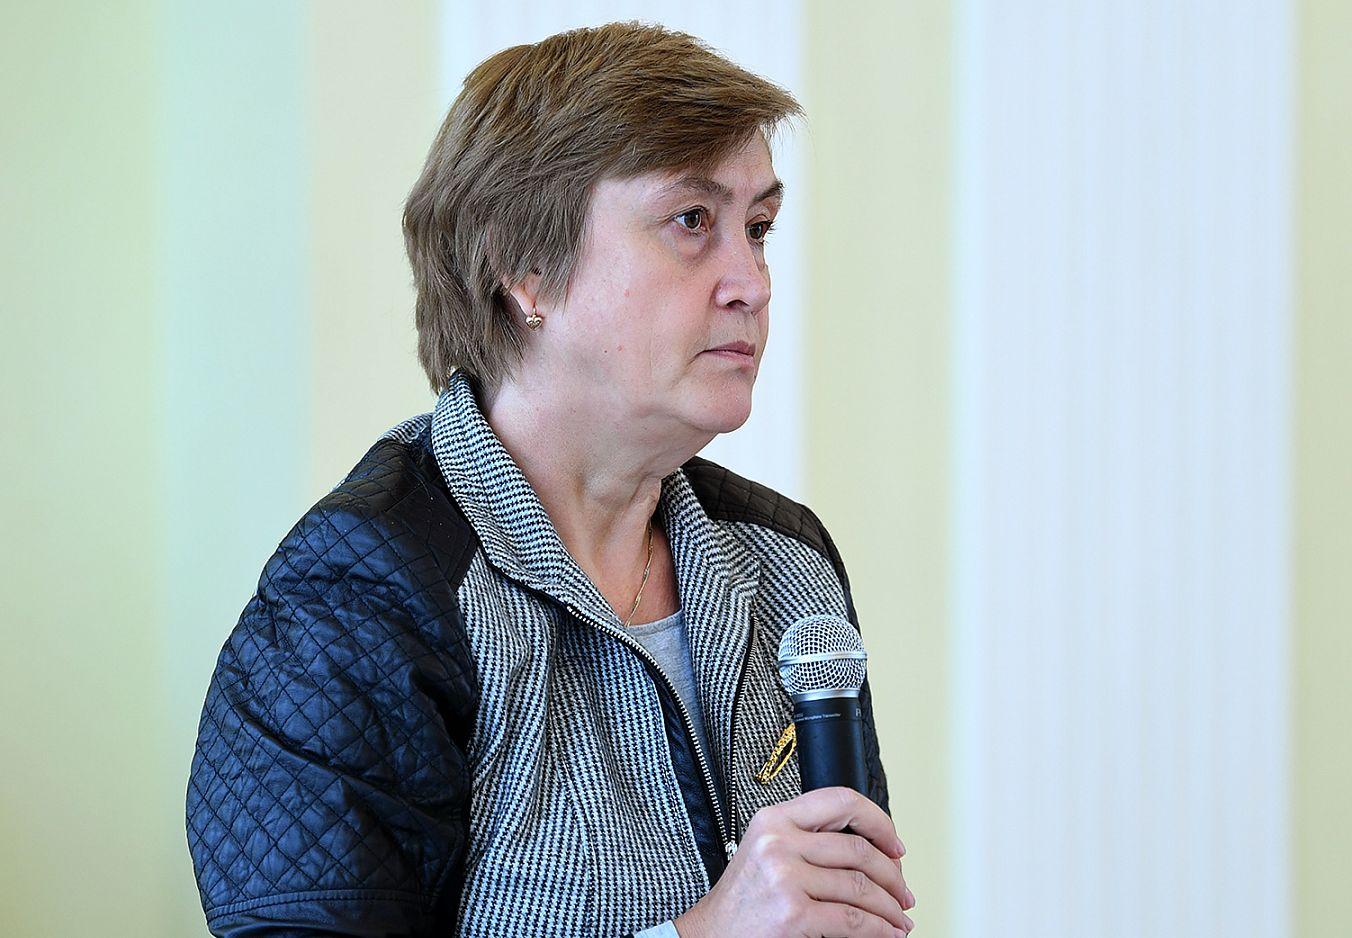 Галина Лапушинская: Крупные инвестиционные проекты создают импульсы для развития.